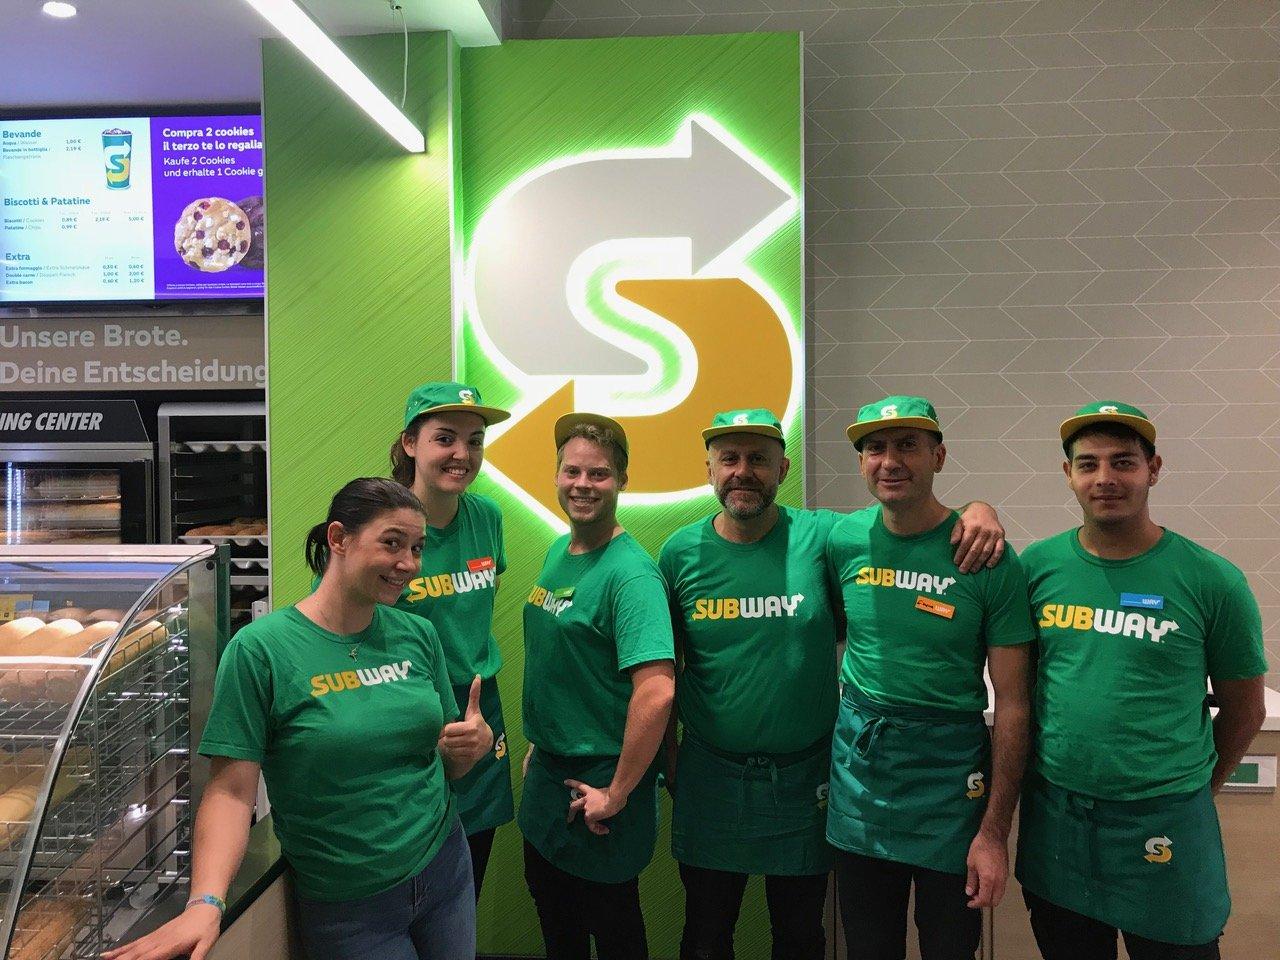 Il team Subway di Bolzano